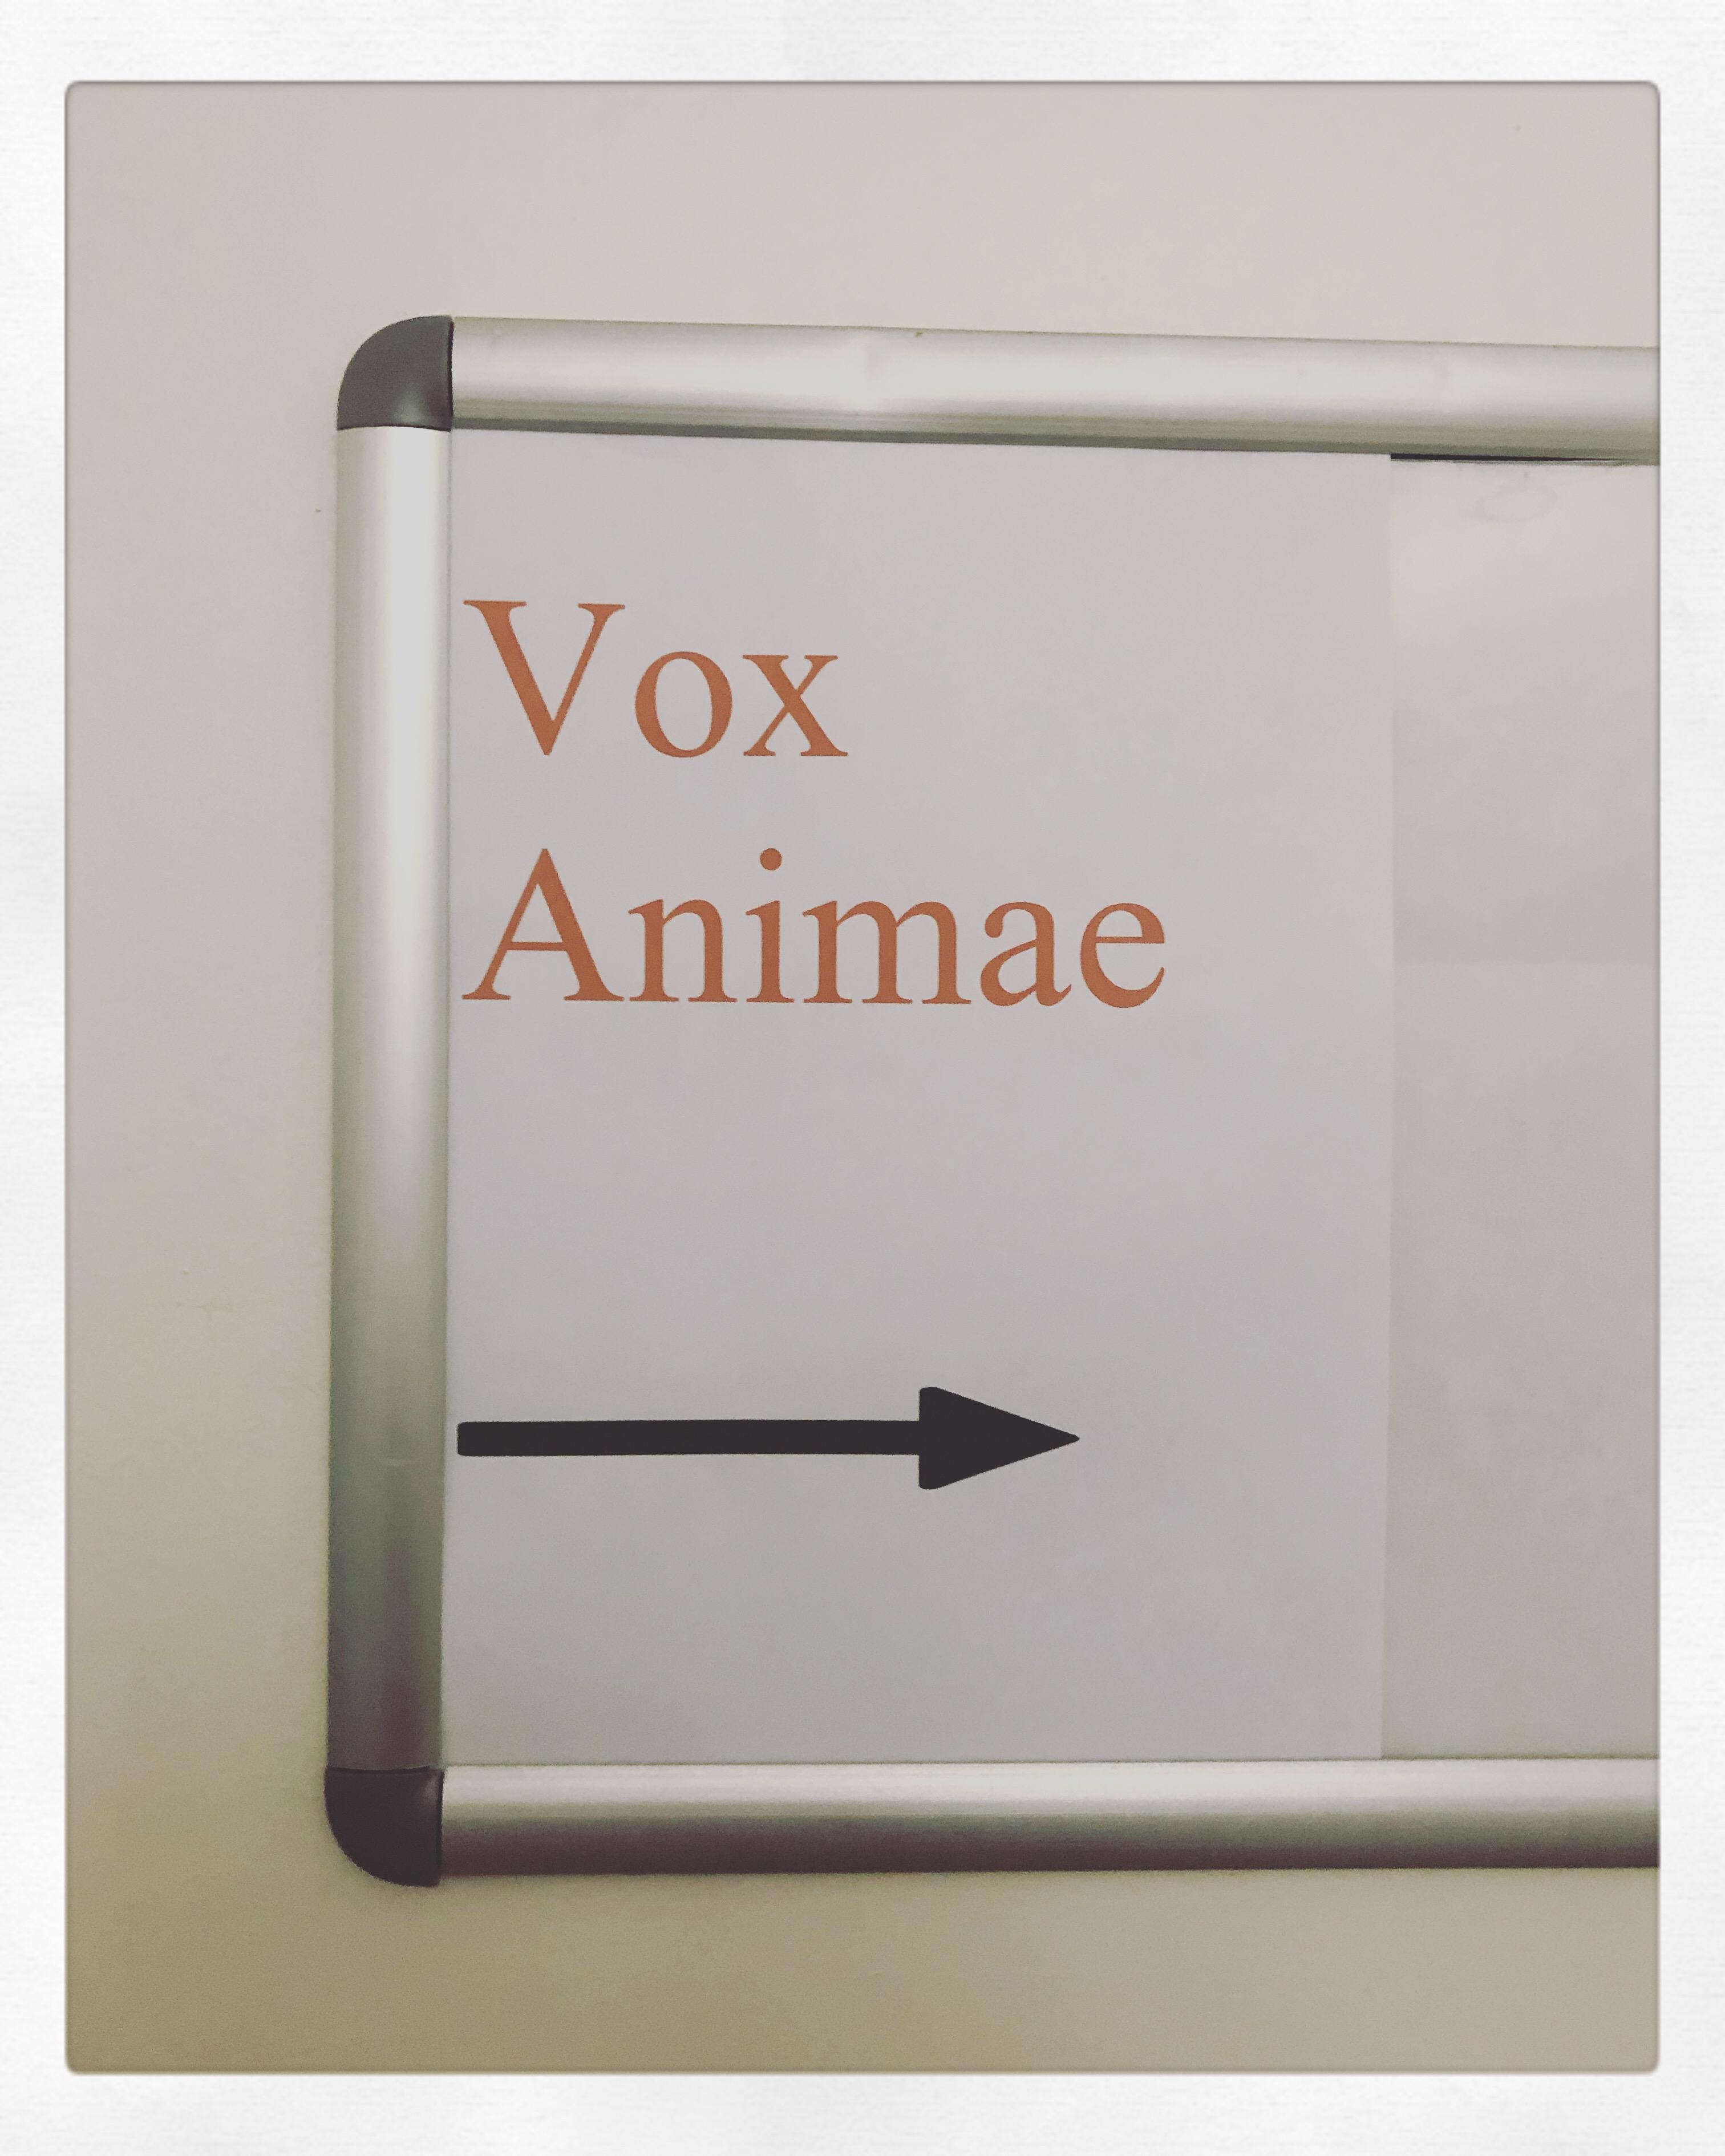 Formation Comportementaliste Félin spécialiste du chat Vox Animae